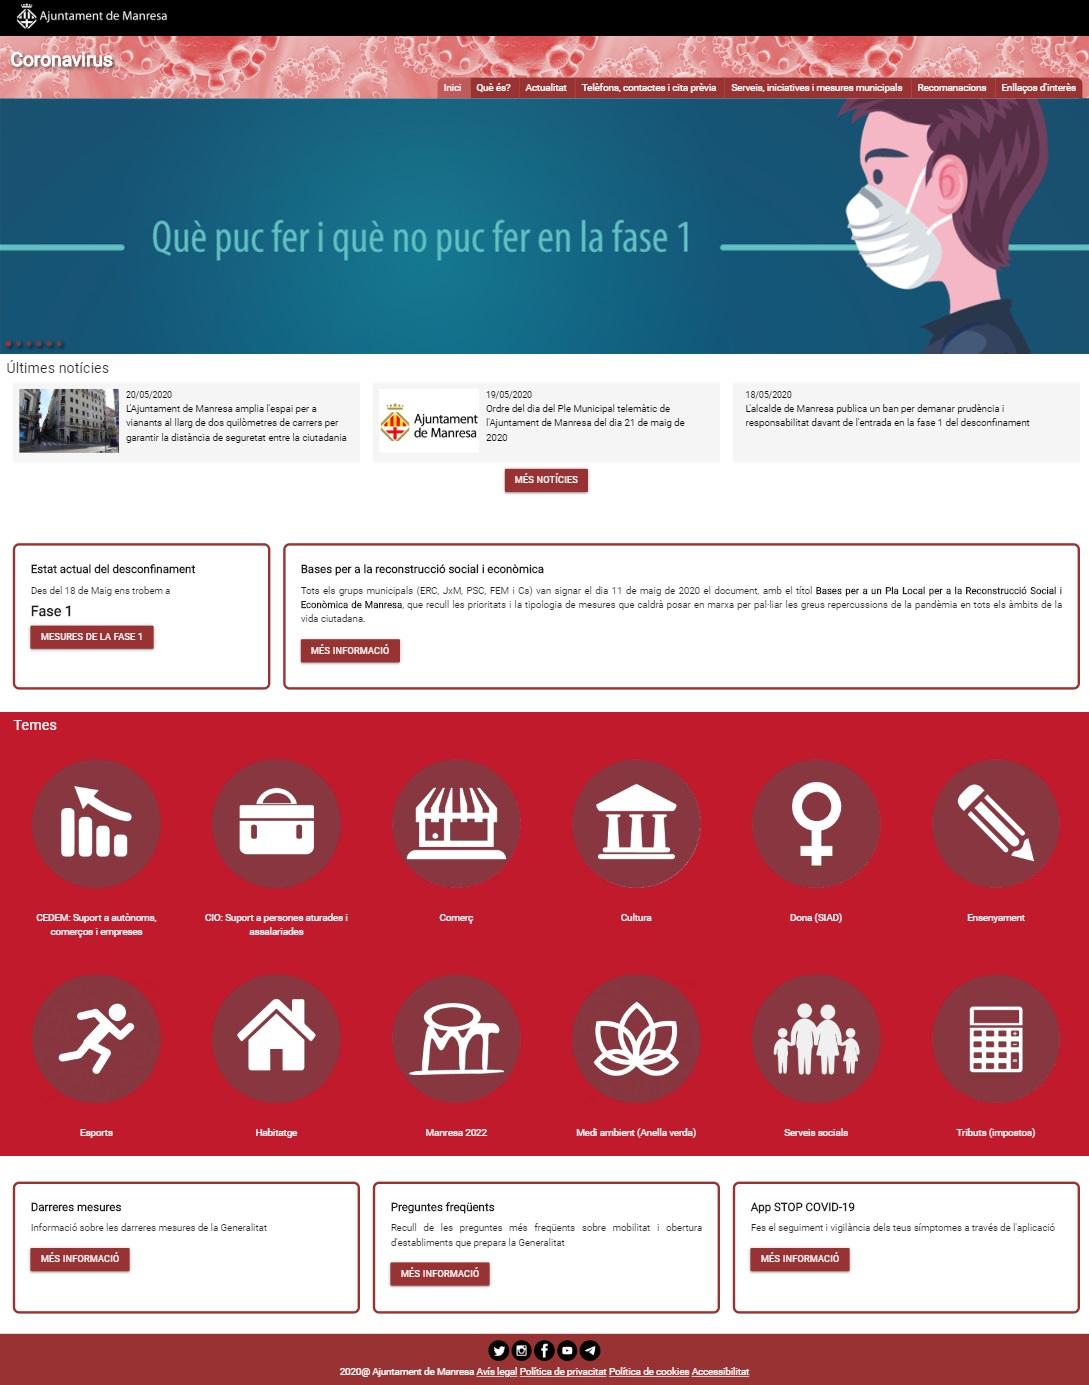 L'Ajuntament de Manresa posa en marxa un nou portal web amb tota la informació municipal relacionada amb el coronavirus